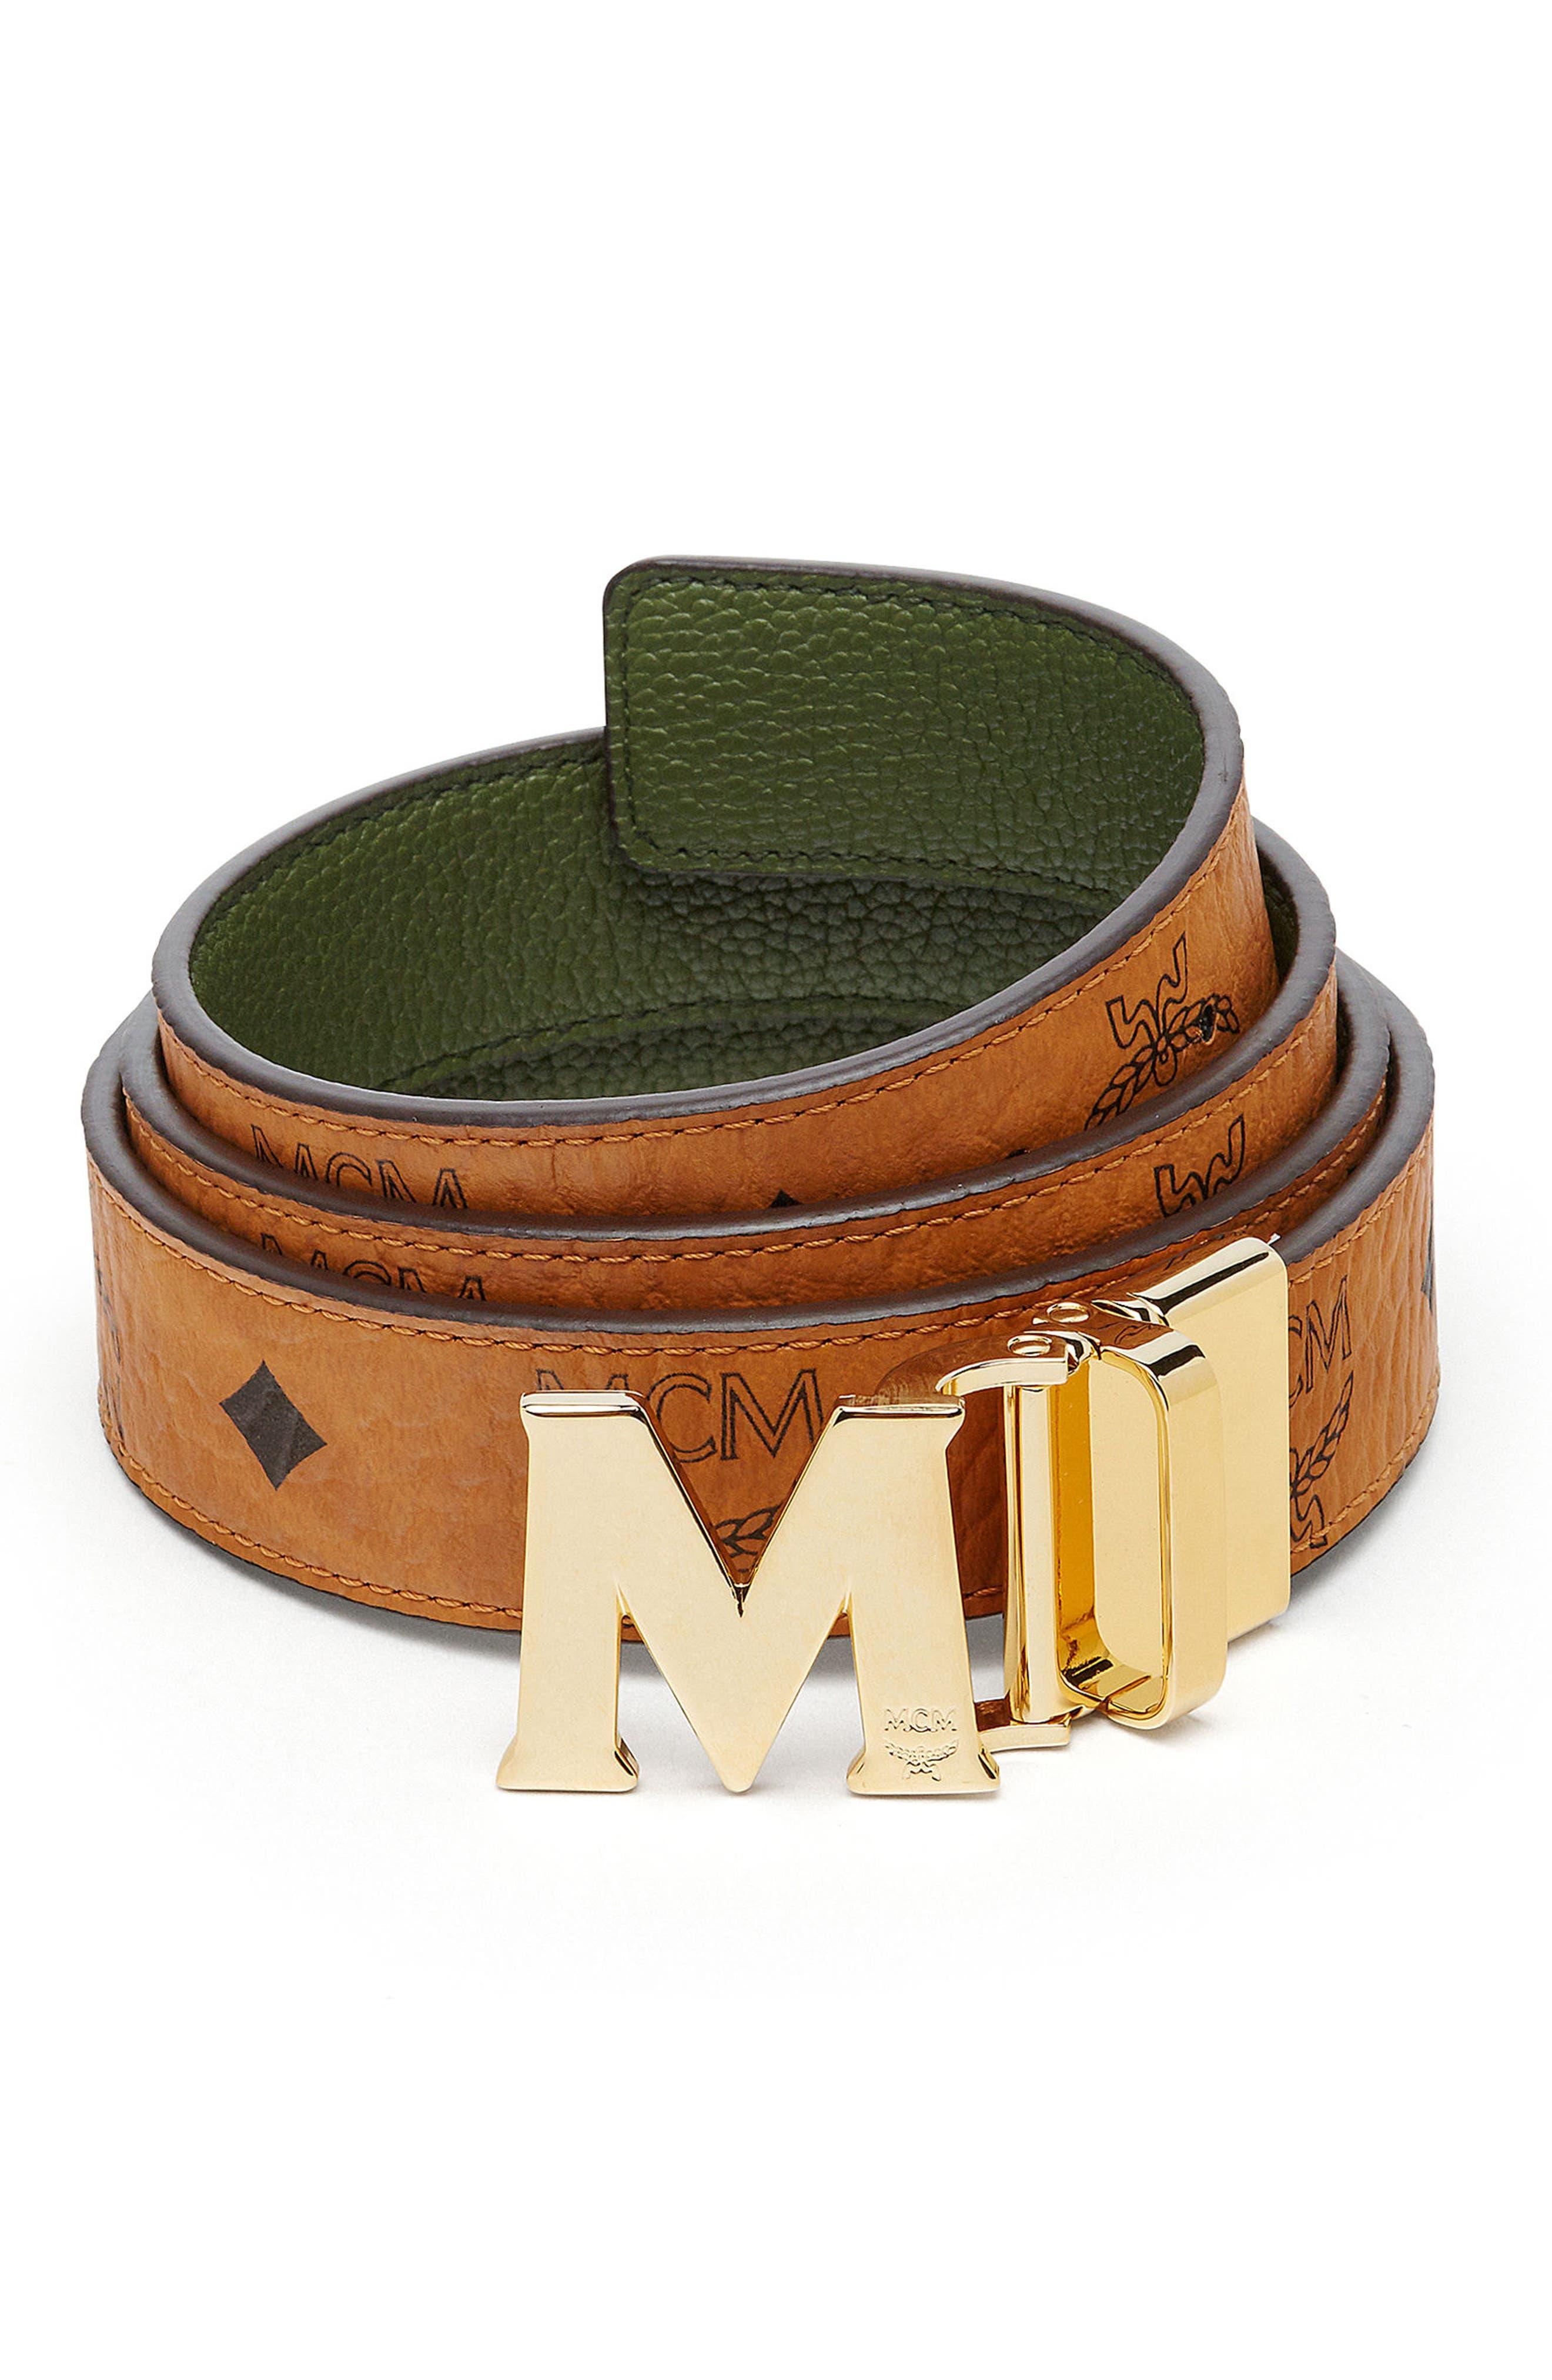 Visetos Reversible Leather Belt,                             Main thumbnail 1, color,                             Cognac/ Loden Green